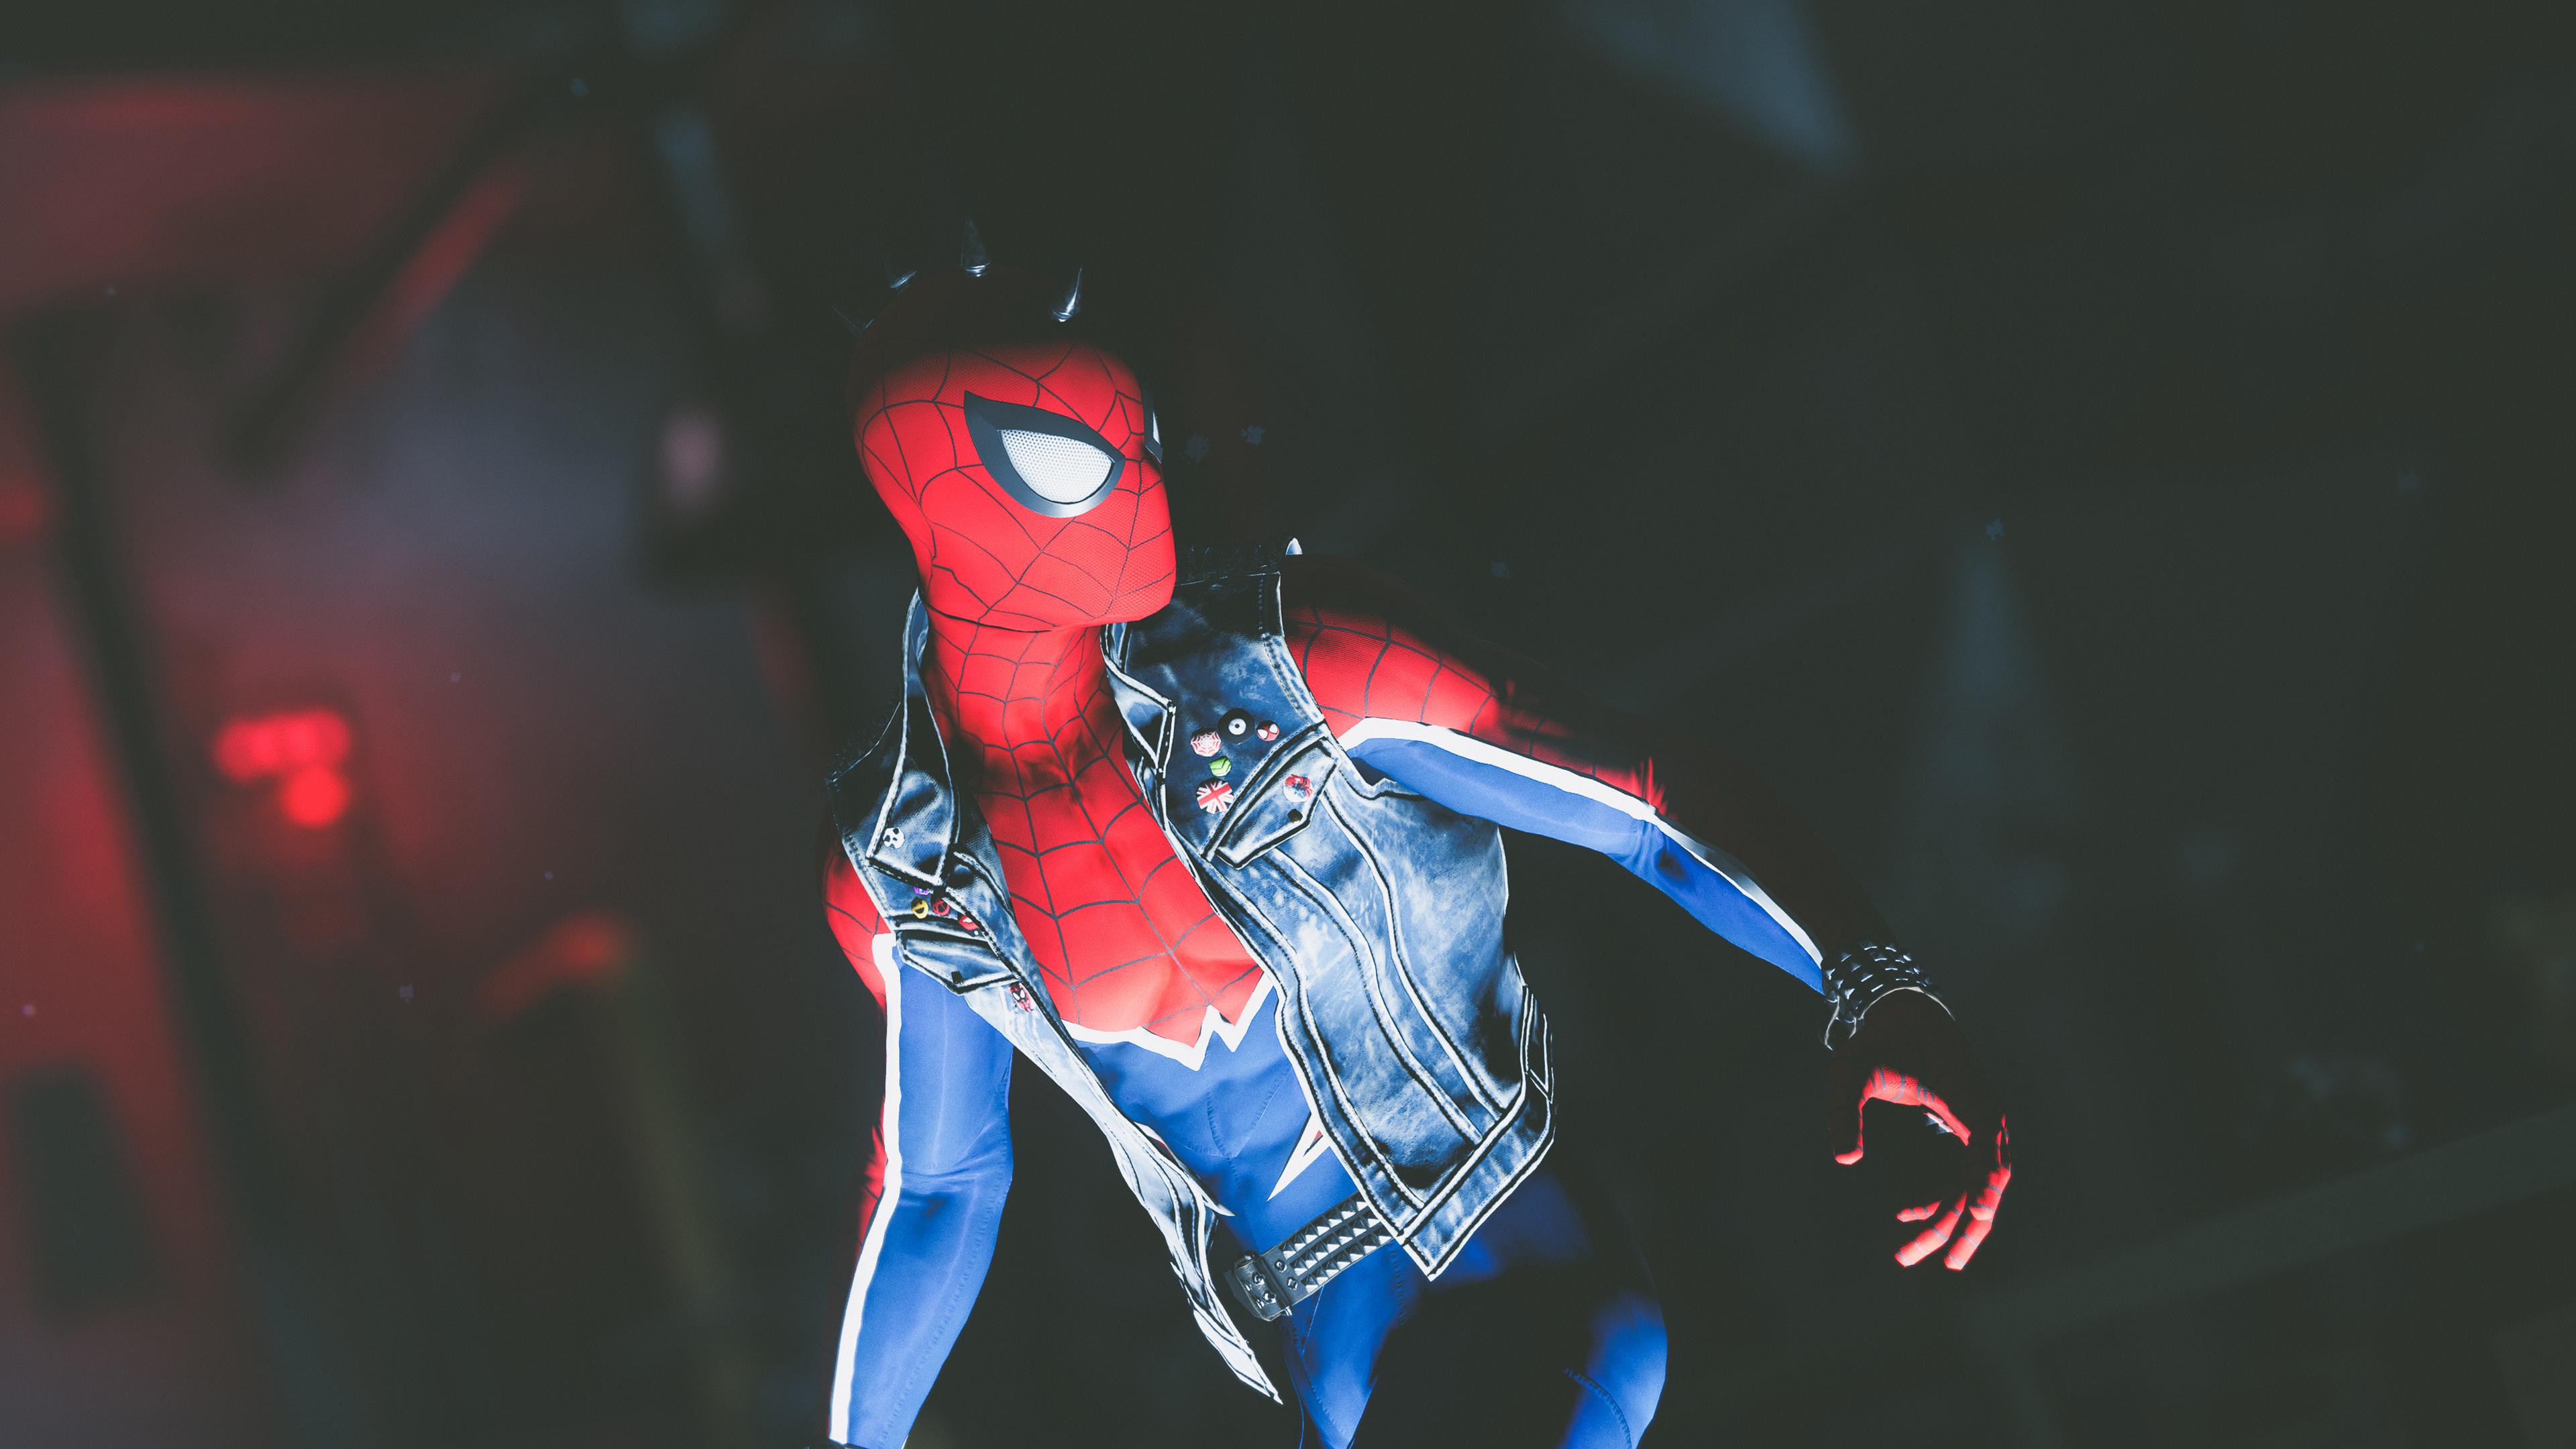 Spiderman Ps4 Hd 4k 3840x2160 Wallpaper Teahub Io